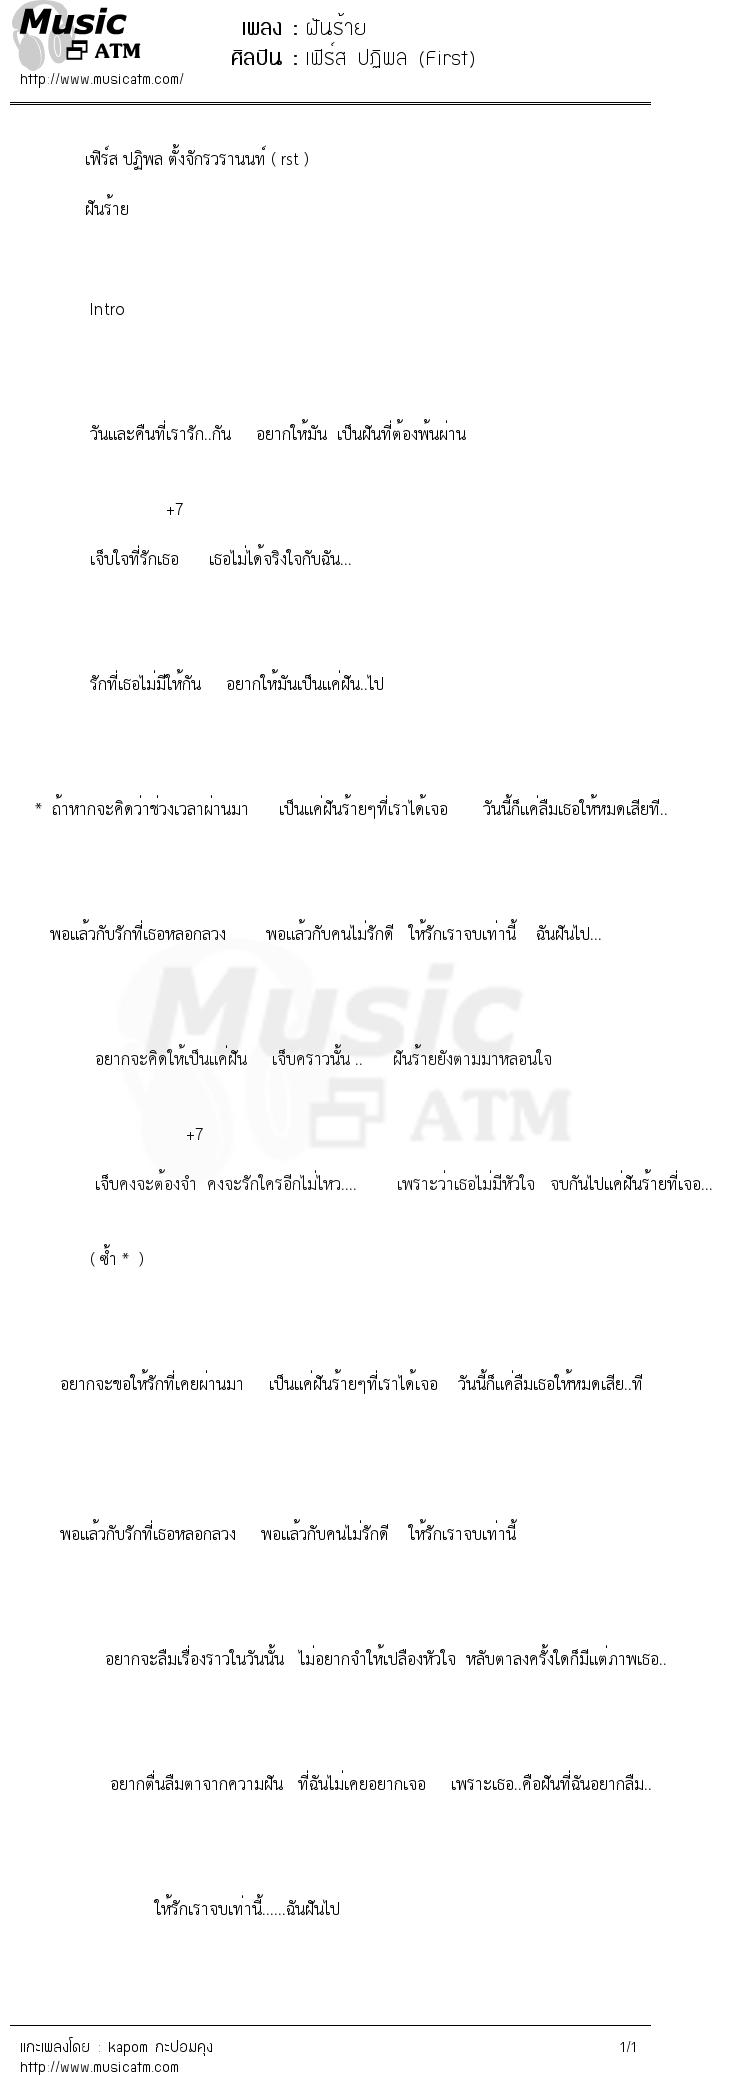 เนื้อเพลง ฝันร้าย - เฟิร์ส ปฏิพล (First) | เพลงไทย